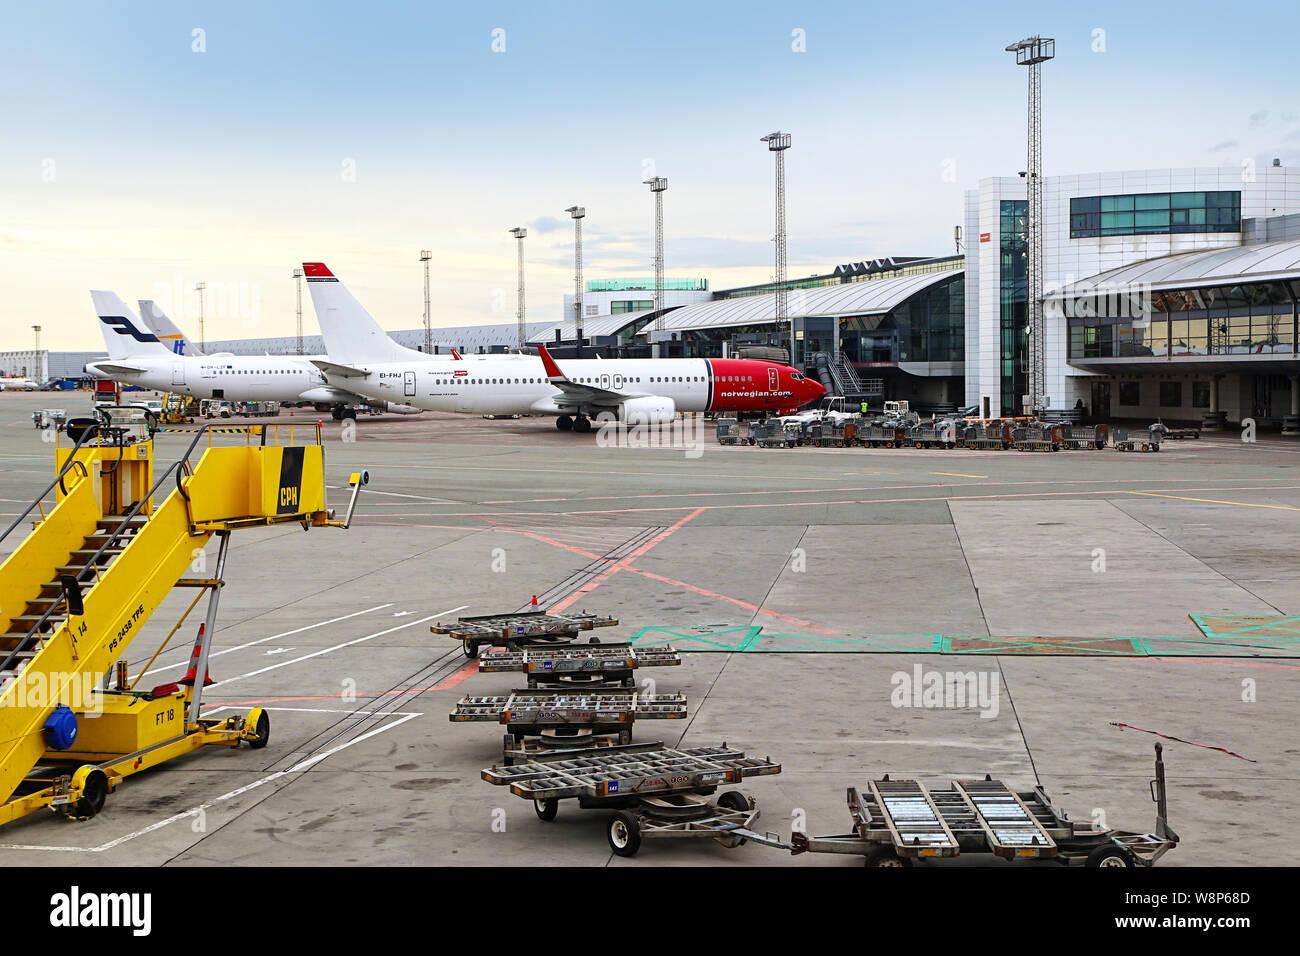 Copenhague, Danemark - 16 juin 2019 l'aéroport international de Copenhague: les avions connecté au départ des ponts de passagers prêt à Banque D'Images